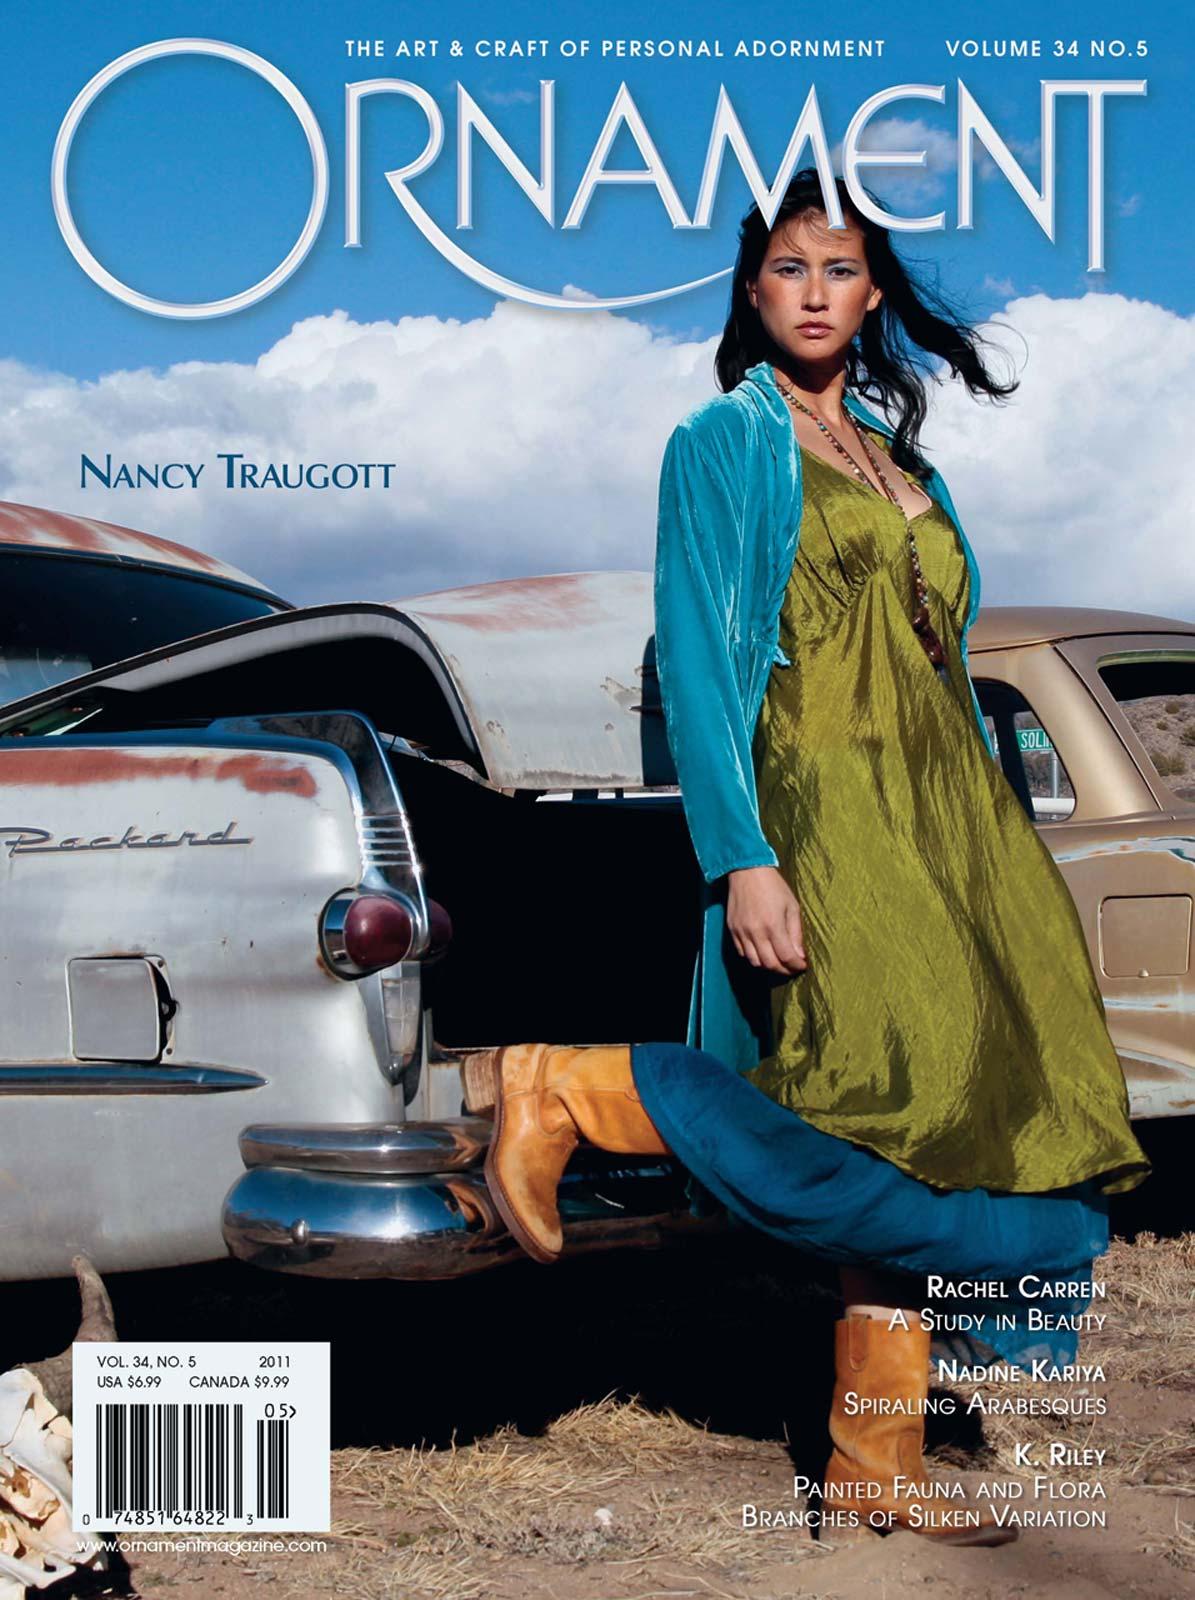 Orn34_5_Cover.jpg